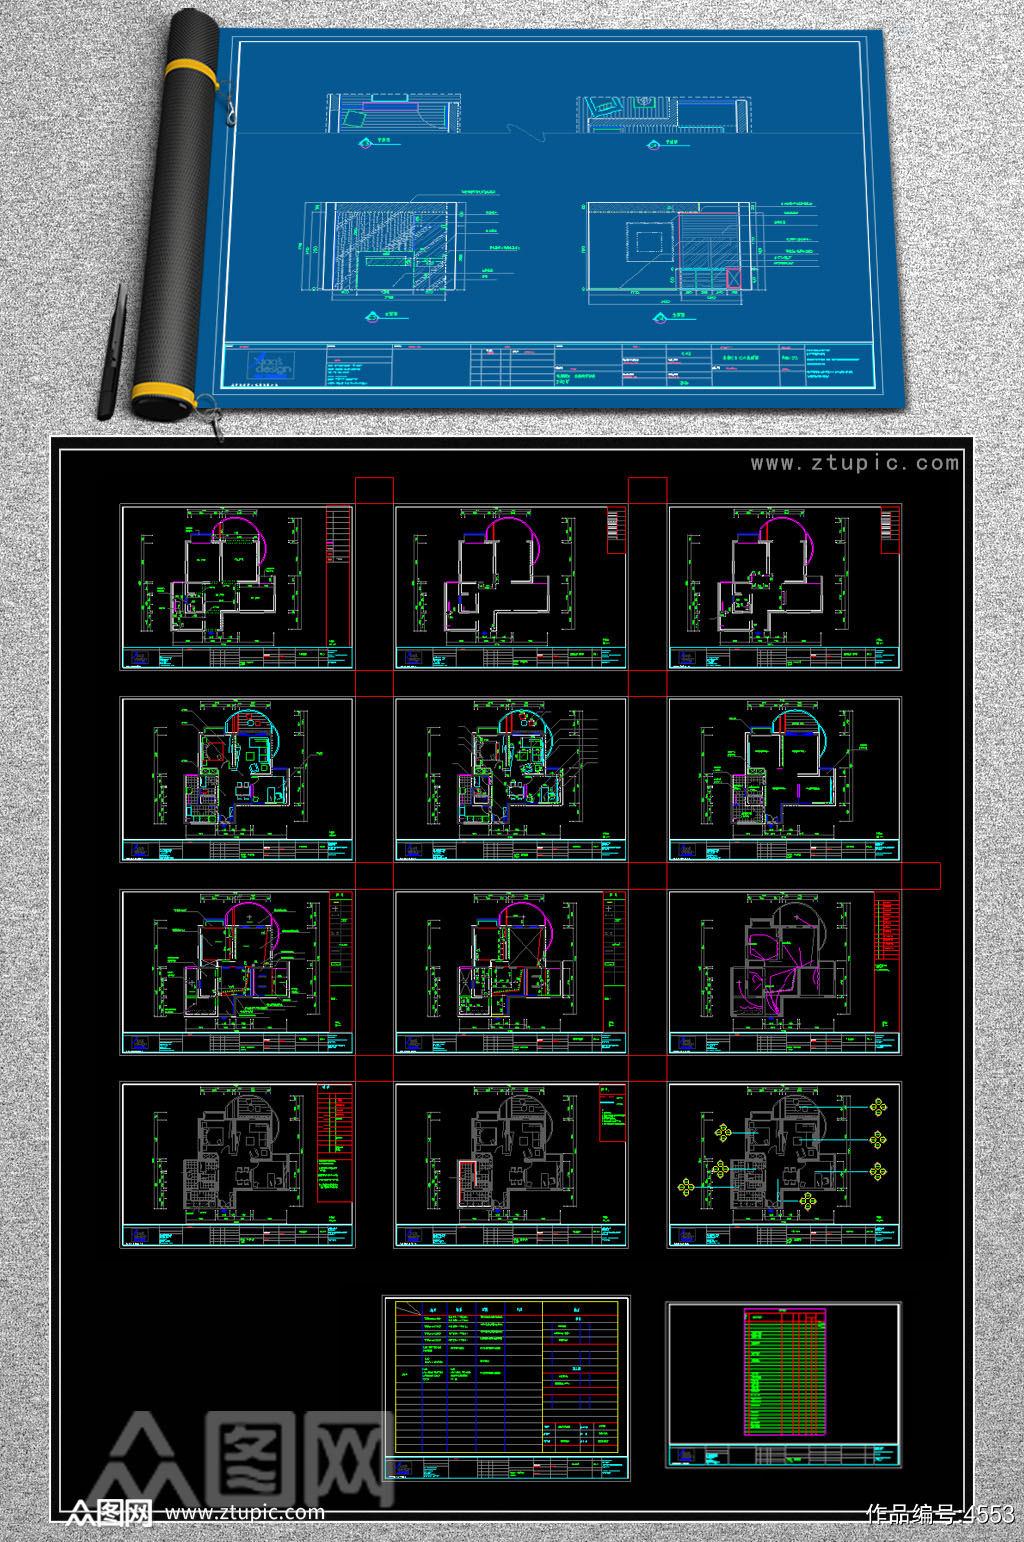 原创平层样板间现代风格CAD施工图纸素材